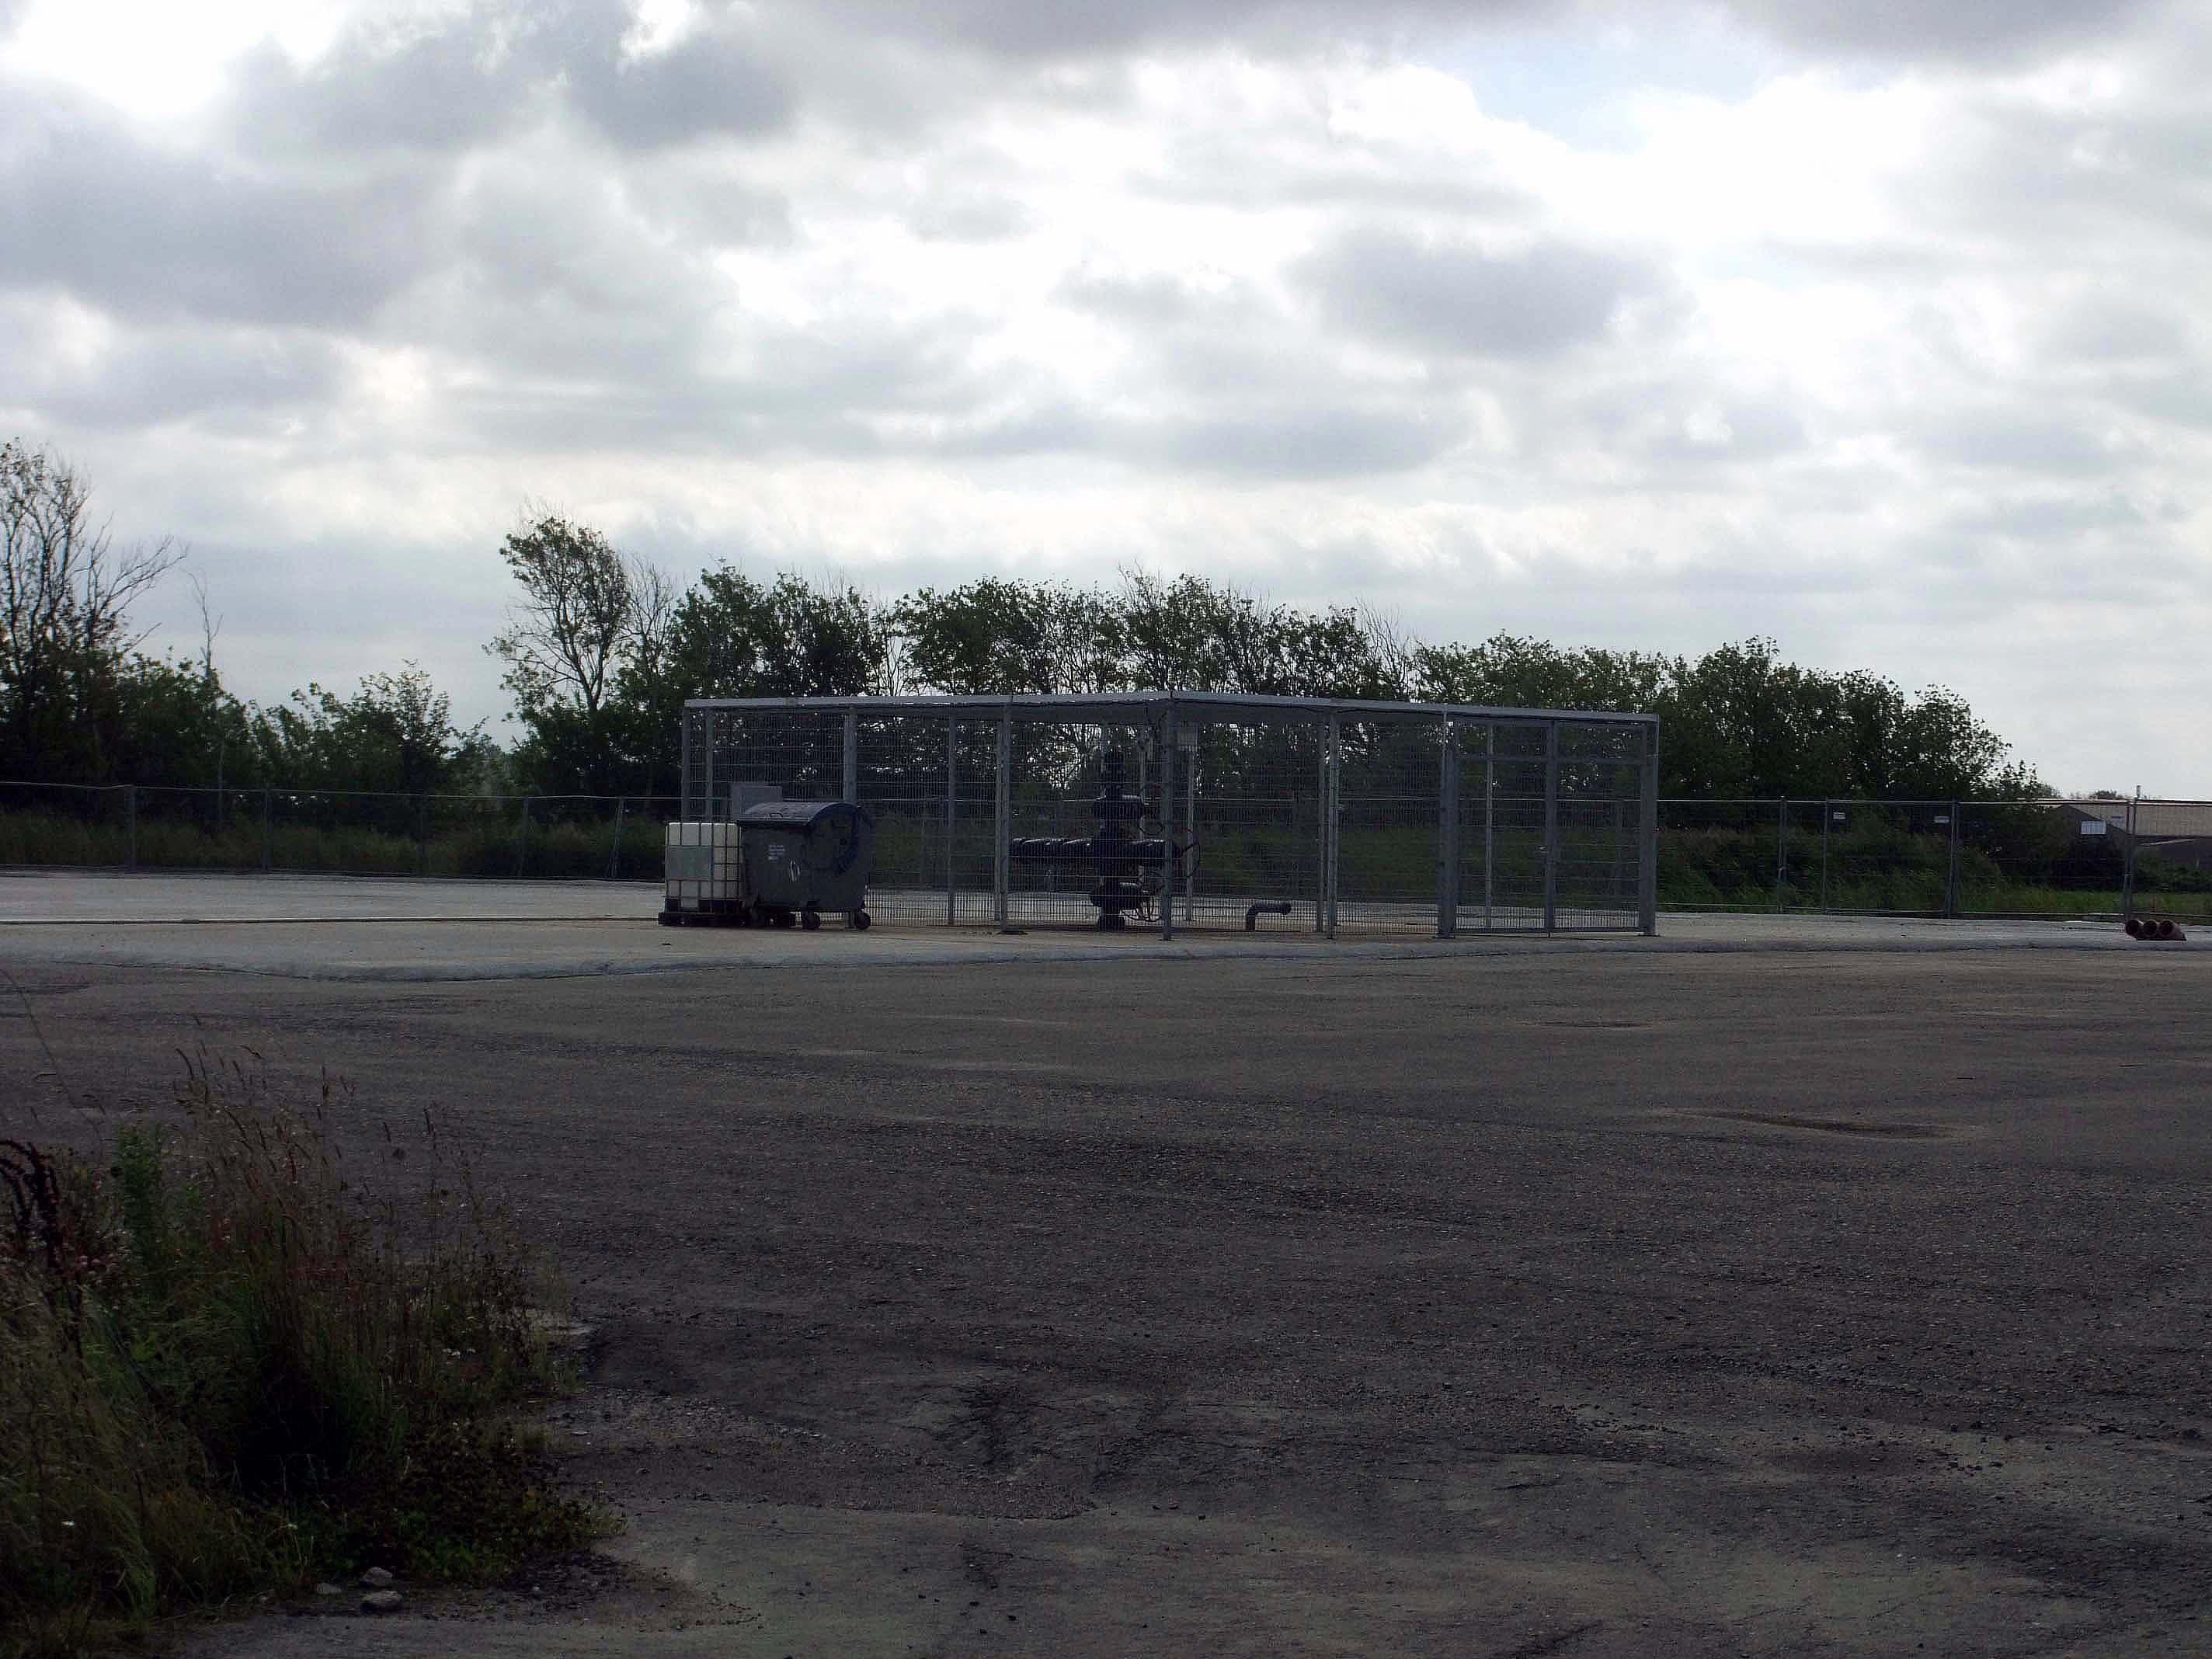 """Erdölerkundungsbohrung """"E Barth 11/2011"""" der CEP im September 2012 ©chef79"""